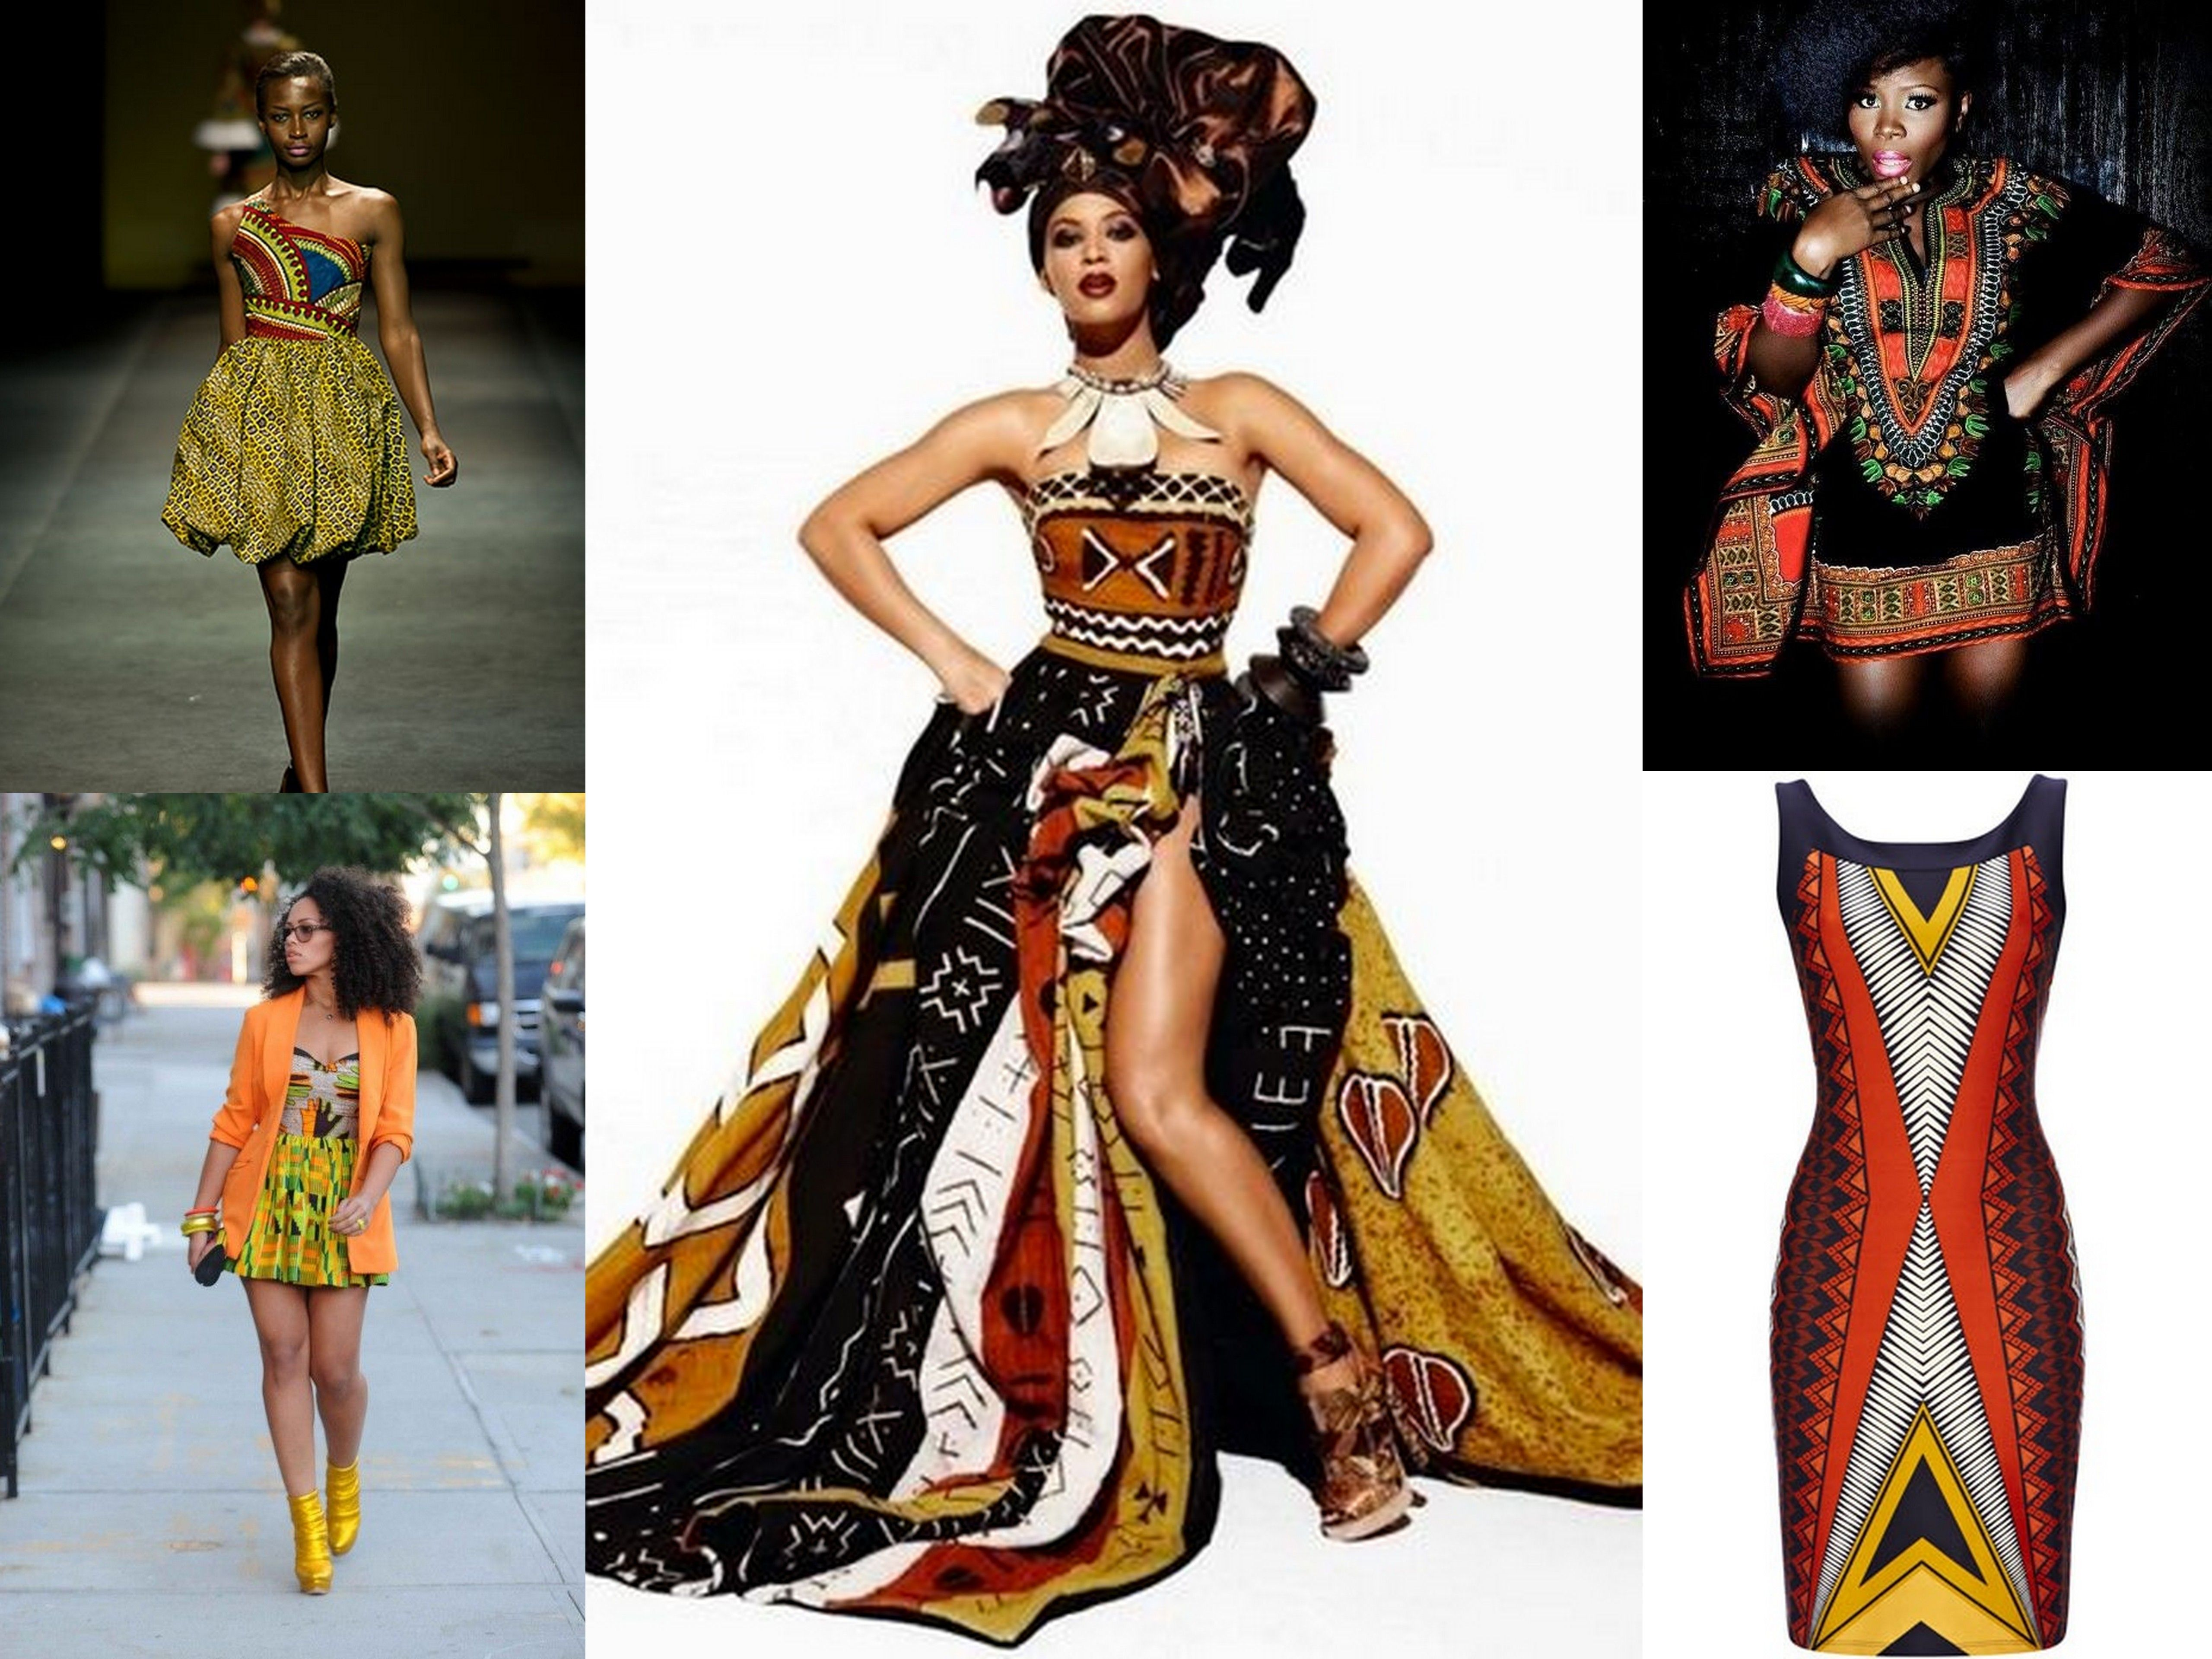 les 25 plus belles robes en wax wax pinterest robe ethnique robe et couture africaine. Black Bedroom Furniture Sets. Home Design Ideas